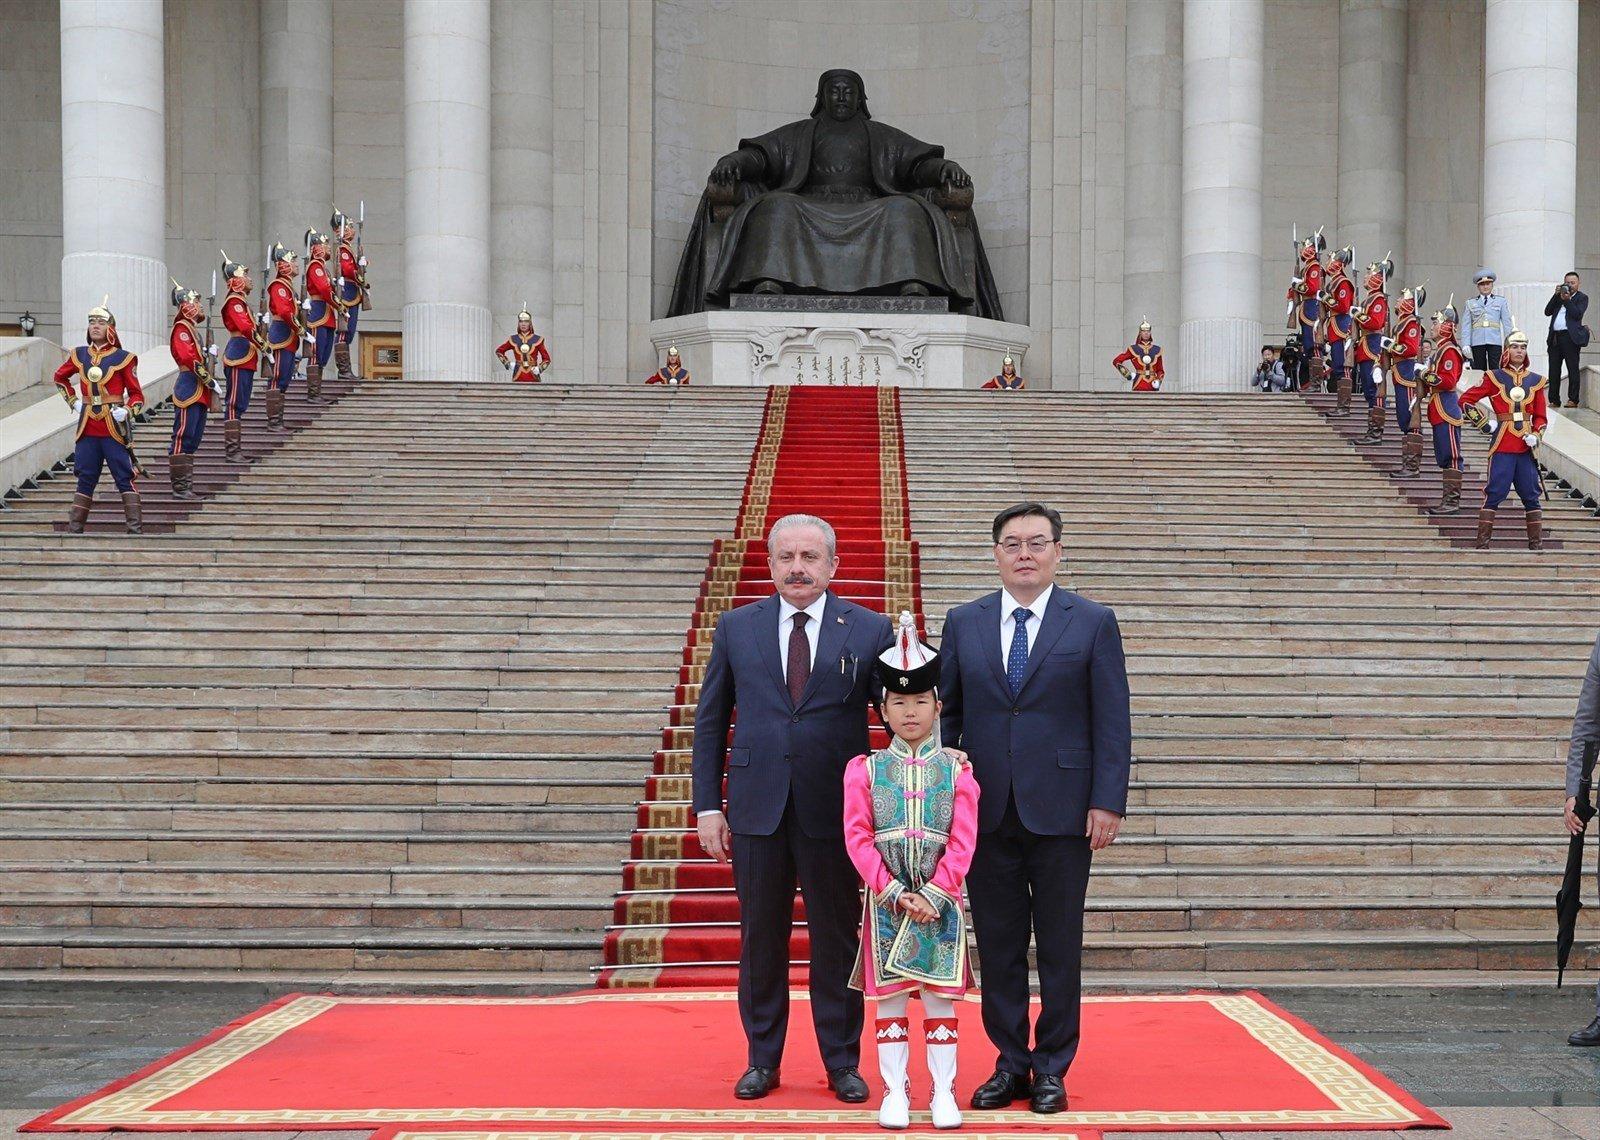 ФОТО МЭДЭЭ: Бүгд Найрамдах Турк Улсын Үндэсний Их Хурлын дарга Мустафа Шентоп Монгол Улсад айлчиллаа